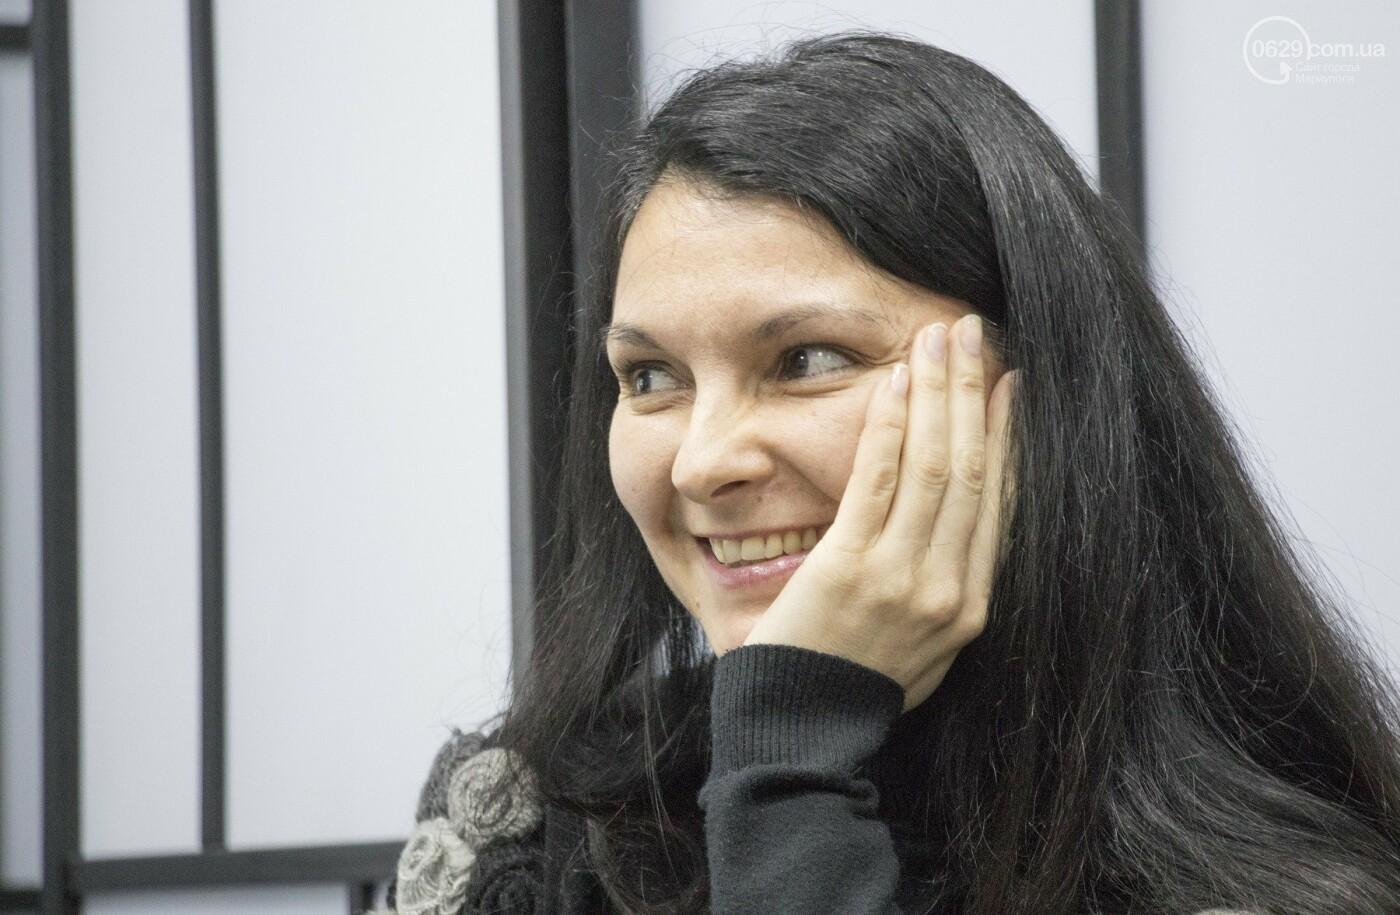 Мариупольский сайт 0629.com.ua презентовал ТОП самых влиятельных людей, - ВИДЕО, ФОТО, фото-6